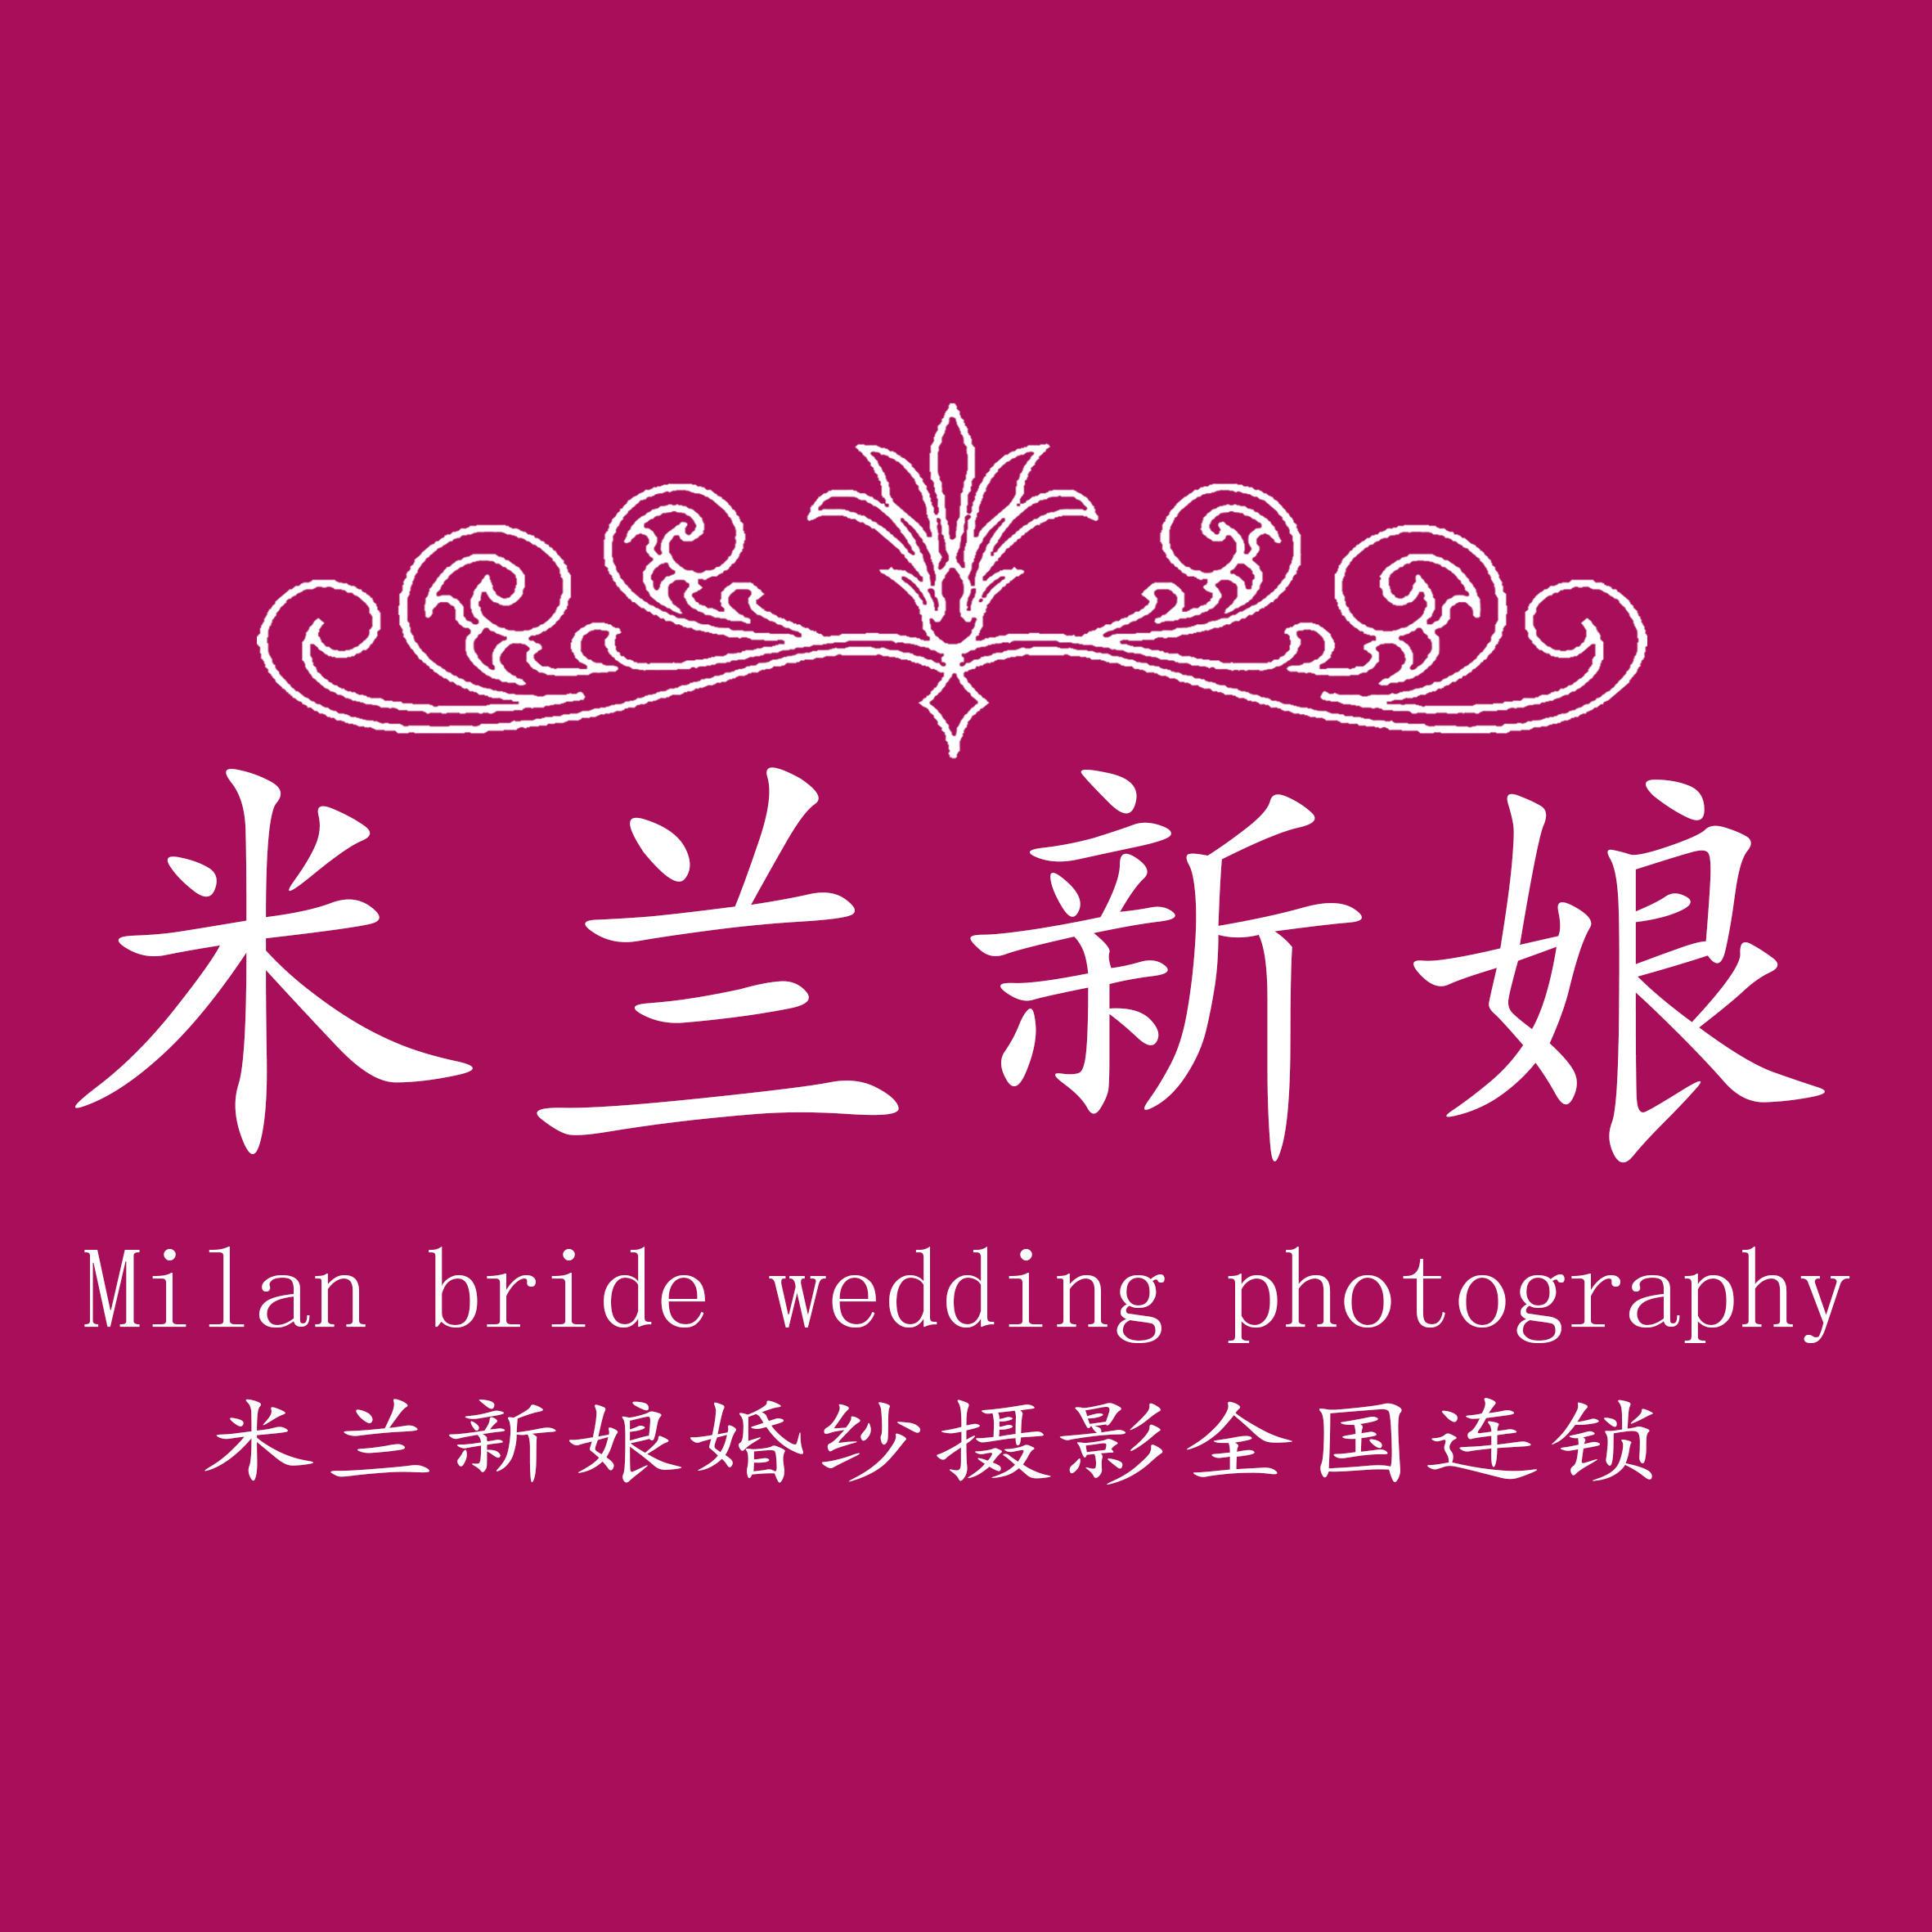 米兰新娘婚纱摄影(宝安总店)